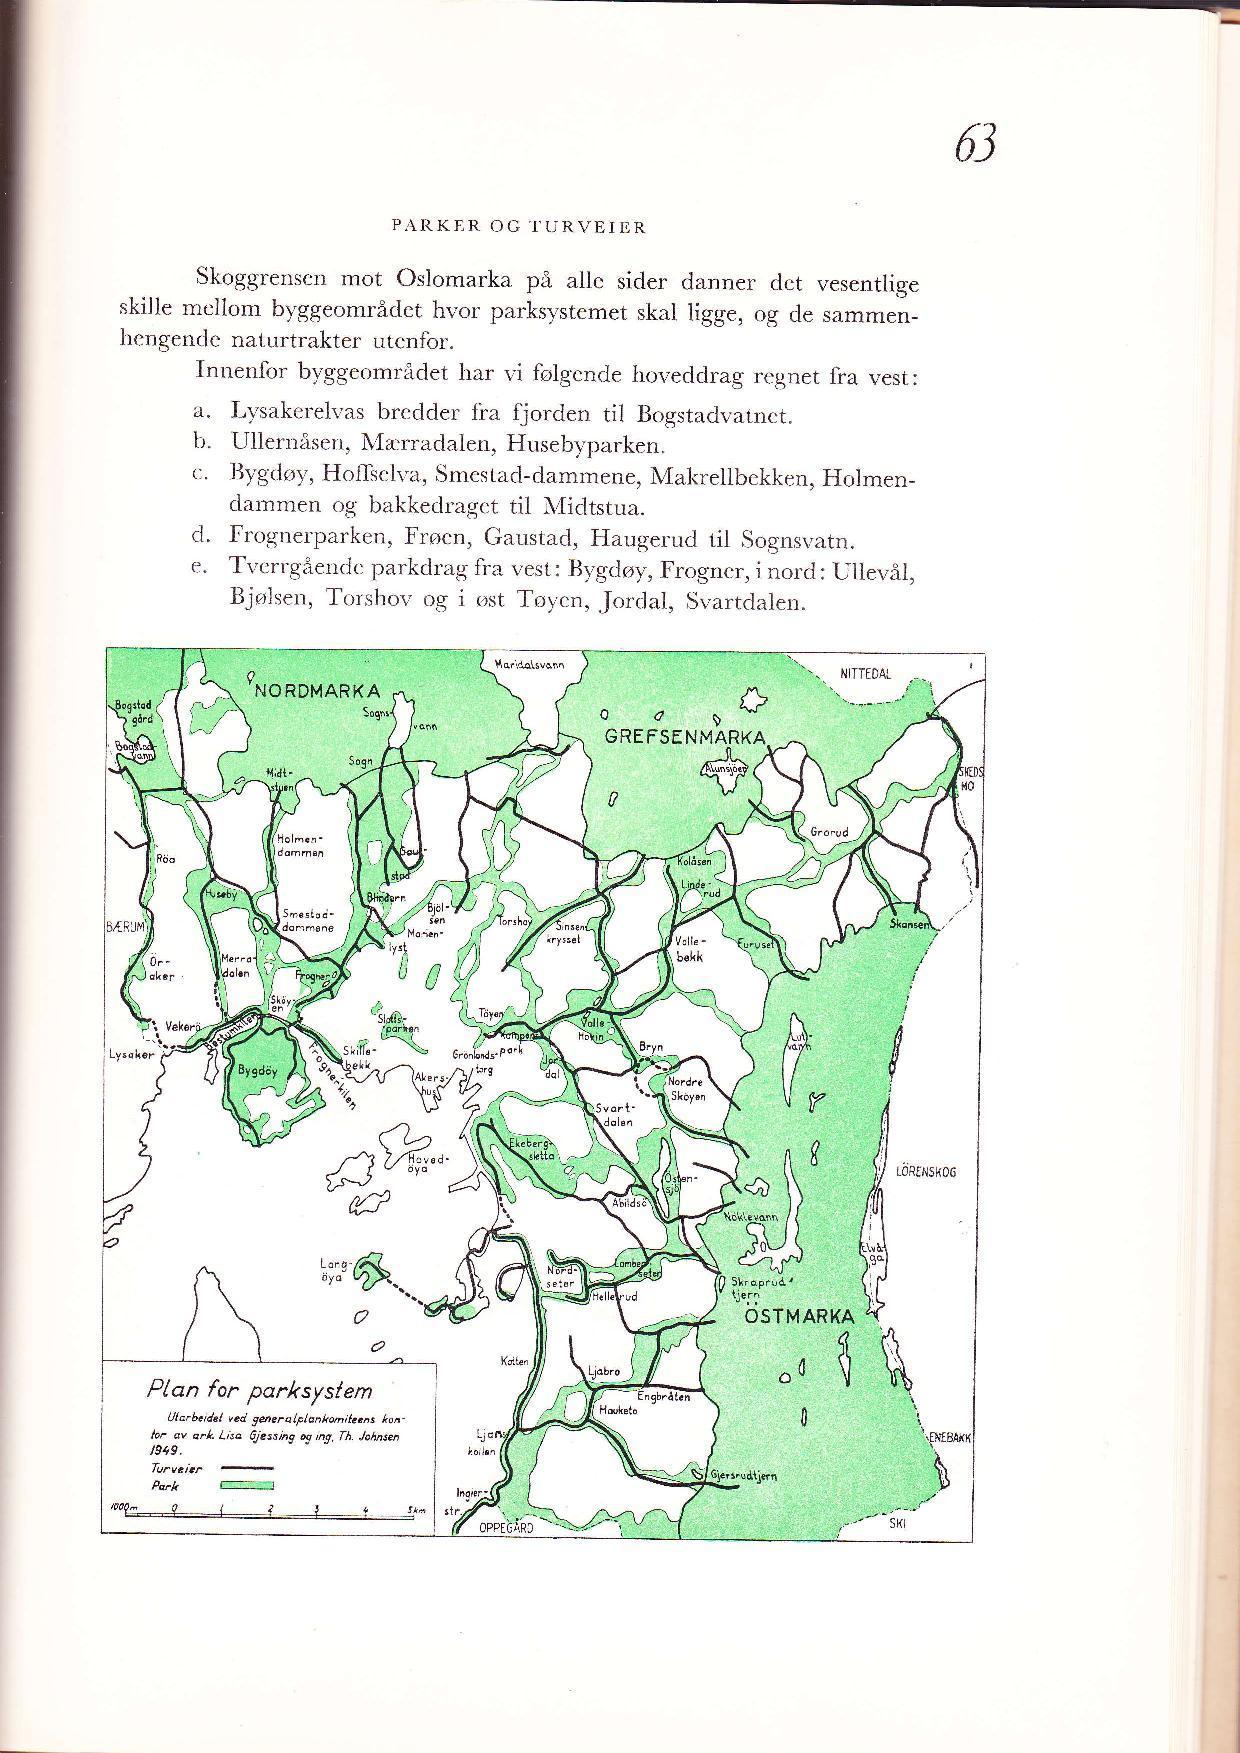 Filegeneralplan 1950 Parker Og Turveier S 63pdf Wikimedia Commons